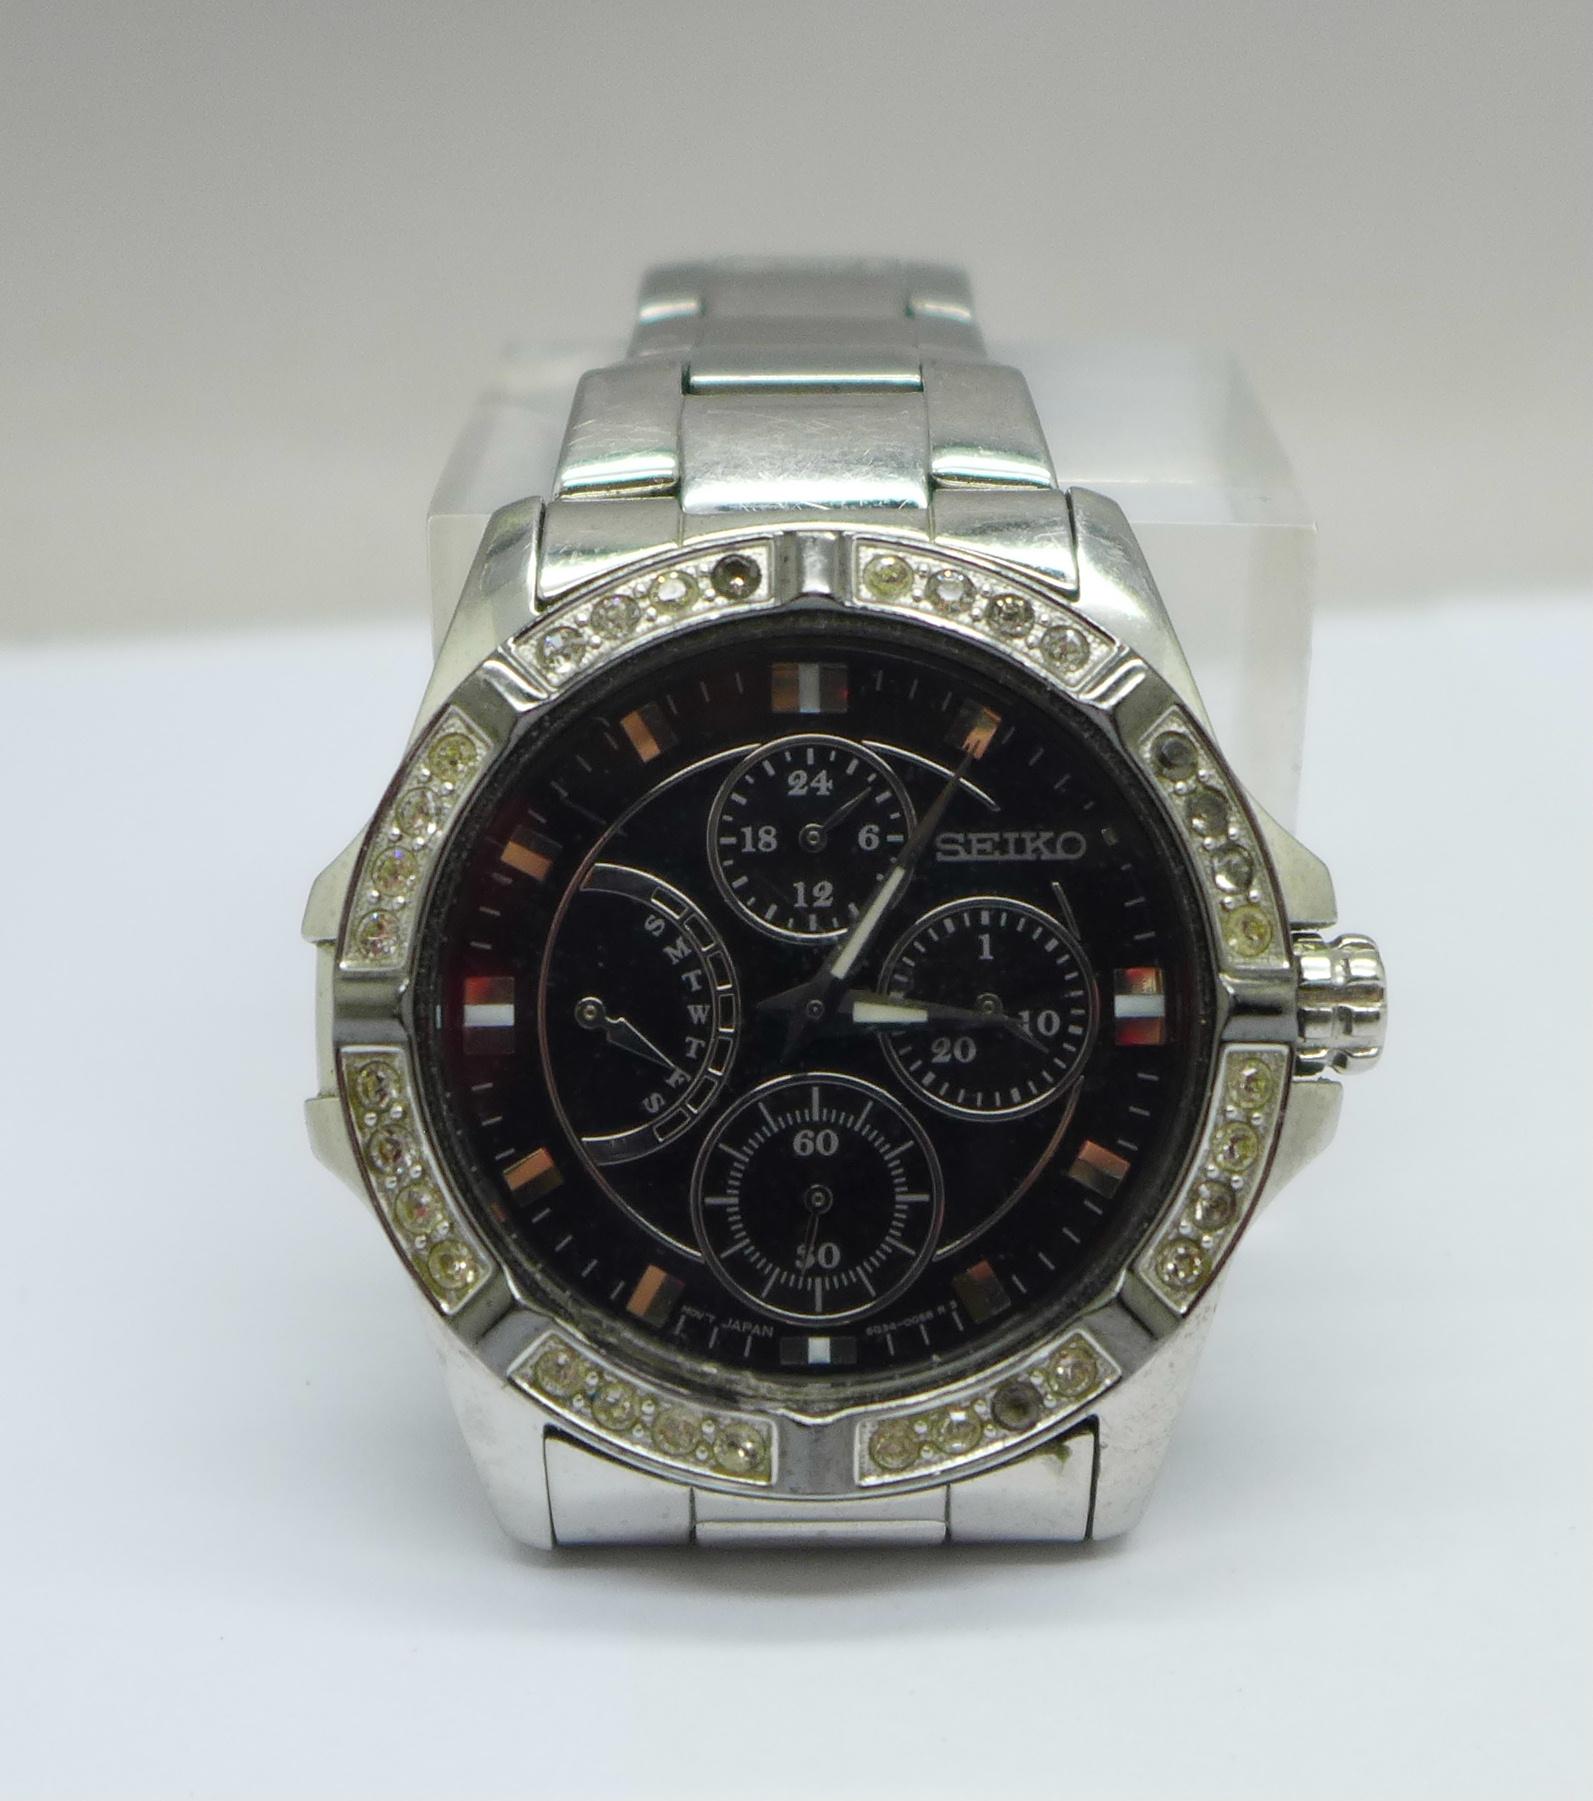 A Seiko multi dial wristwatch